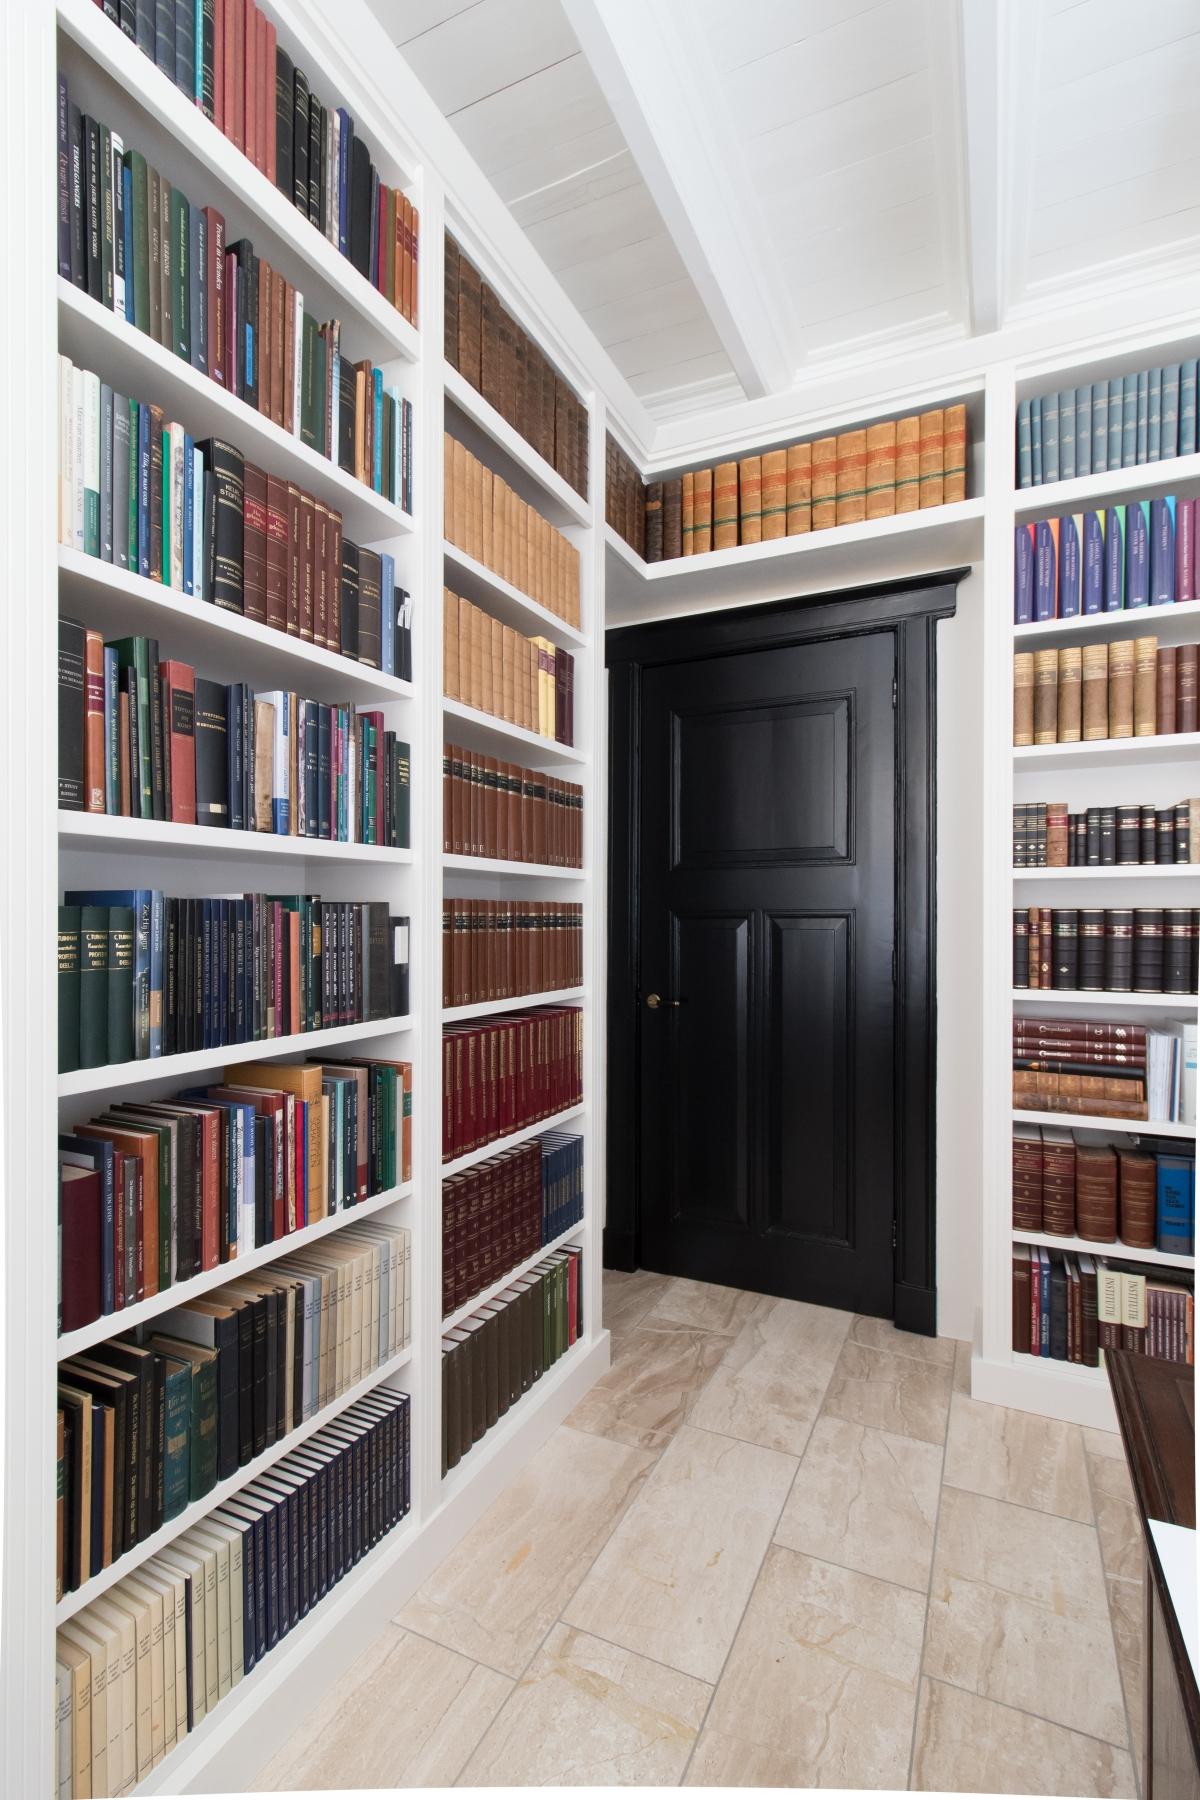 Klassieke Eikenhouten Boekenkast.Kasten Op Maat Van Ontwerp Tot Inbouw Maatwerkkasten Voor Thuis Of